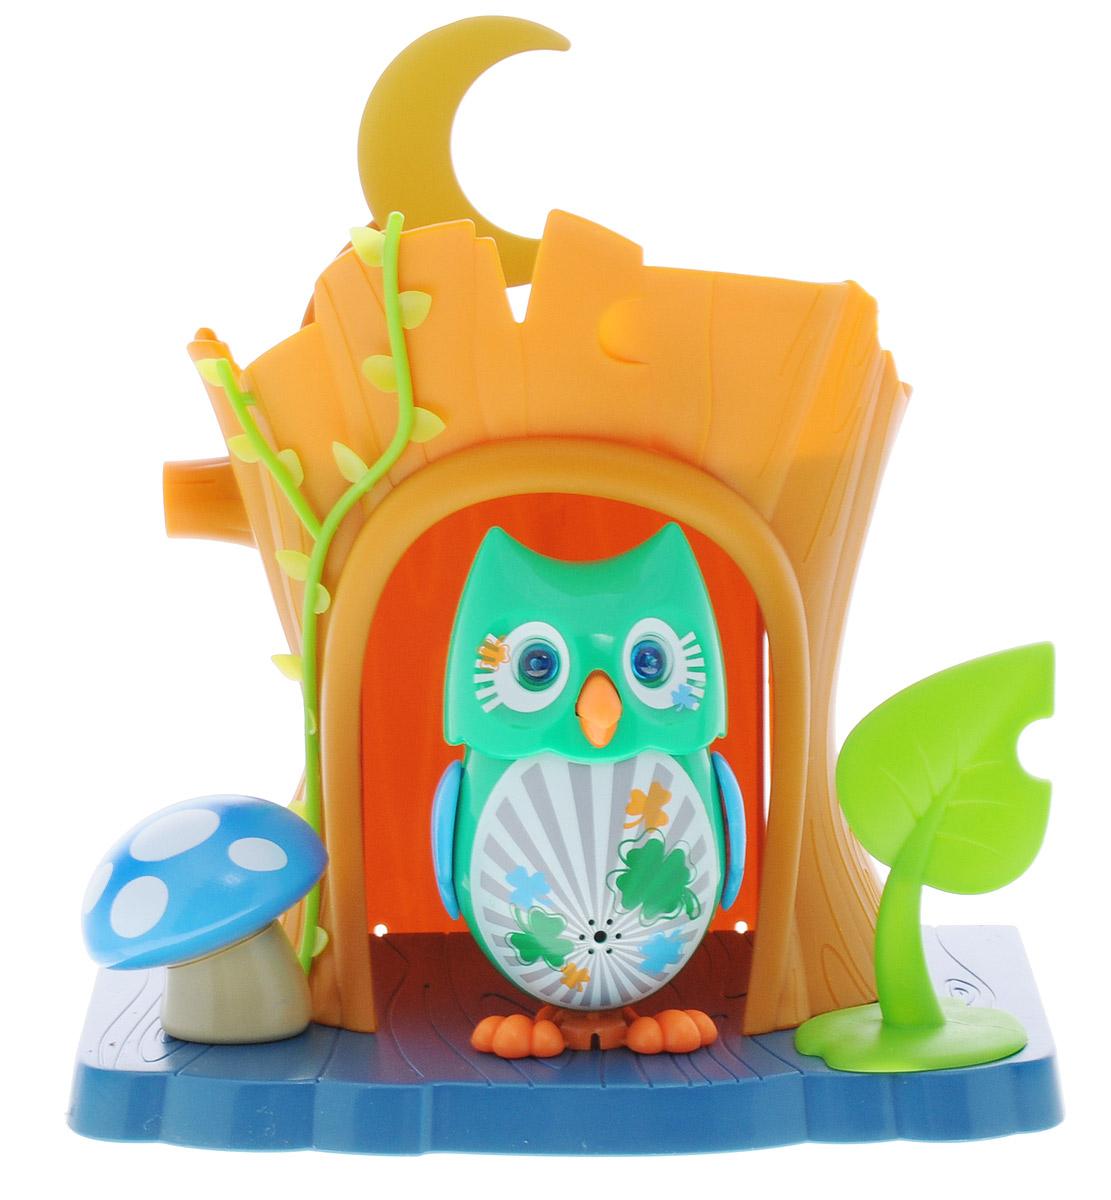 DigiFriends Интерактивная игрушка Сова с домиком цвет зеленый88359_зеленыйИнтерактивная игрушка DigiFriends Сова с домиком подарит ребенку множество незабываемых игр. Птичка умеет петь как соло, так и в хоре - вместе с другими птичками. Уютный домик для совы имеет главный вход и заднюю дверь. К крыше домика приделан месяц, который поднимается, и тогда наступает ночь. Рядом с домиком расположен желудь и листик. Если поднять листик, то под ним можно обнаружить забавную букашку. Чтобы активировать режим проигрывания мелодий и птичьего щебета, достаточно посвистеть в свисток, имеющийся в комплекте. Кольцо-свисток может быть использовано в качестве насеста-переноски. Игрушка издает 55 вариантов мелодий и звуков. Голова птички двигается в такт мелодии, а клюв - открывается. Глаза совы светятся. Игрушка может спеть вместе со всеми персонажами DigiFriends в режиме хор. Птичка, которую активировали первой, становится солистом. Управлять пением пернатой звезды или целым хором - исключительно увлекательное занятие, которое надолго привлечёт...